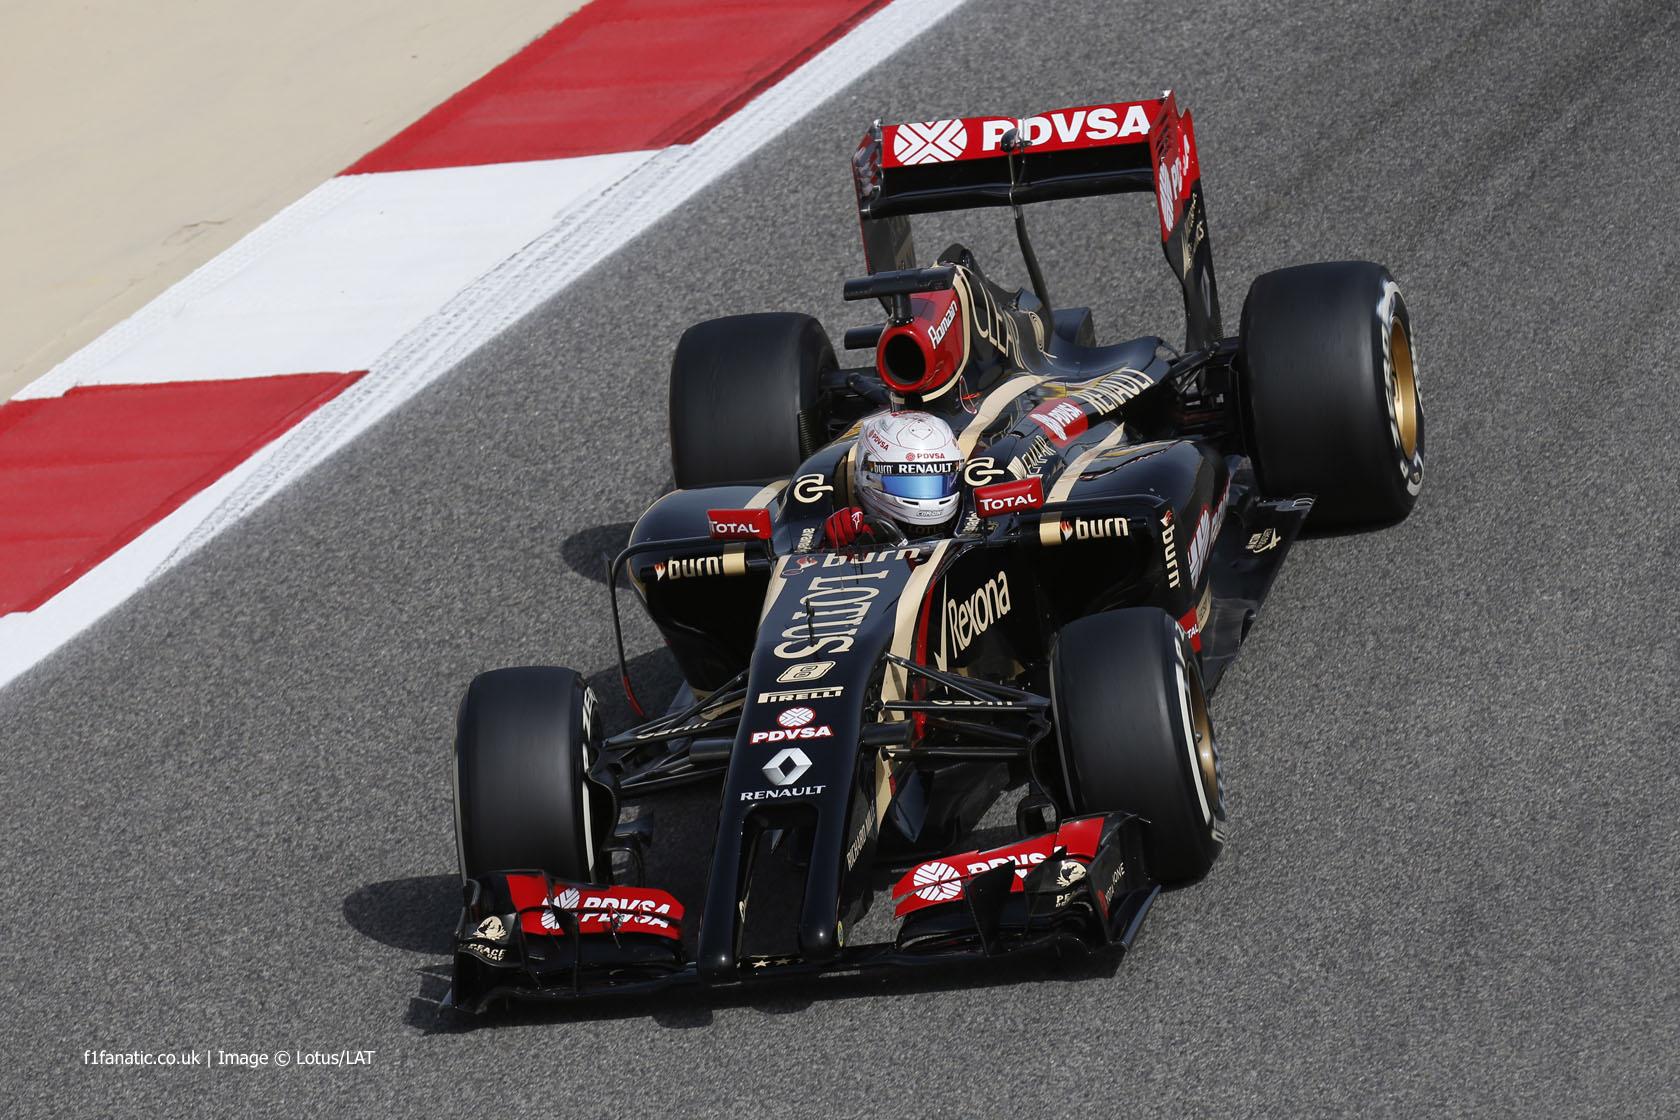 Romain Grosjean, Lotus, Bahrain International Circuit, 2014